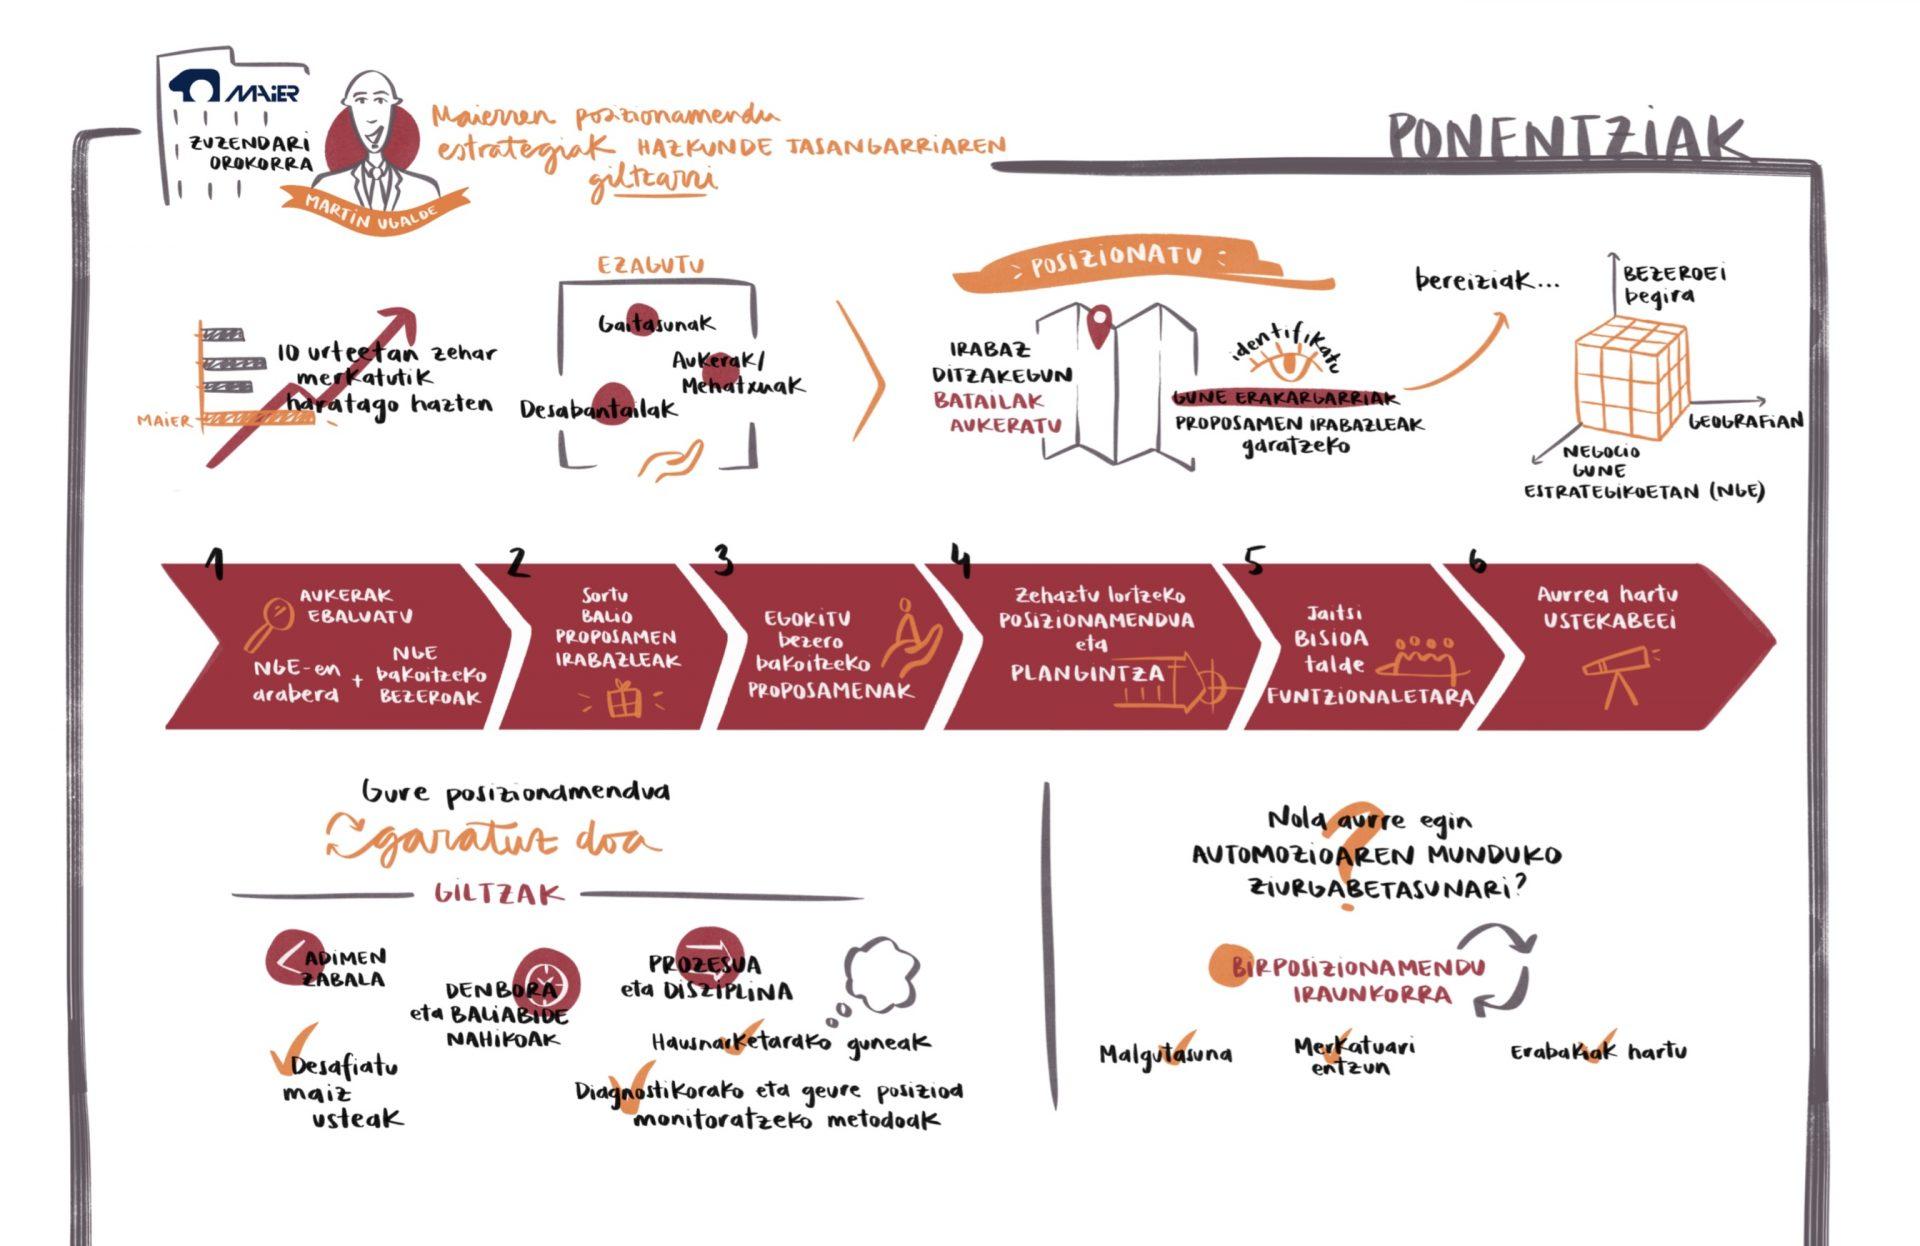 Visualización de conferencia